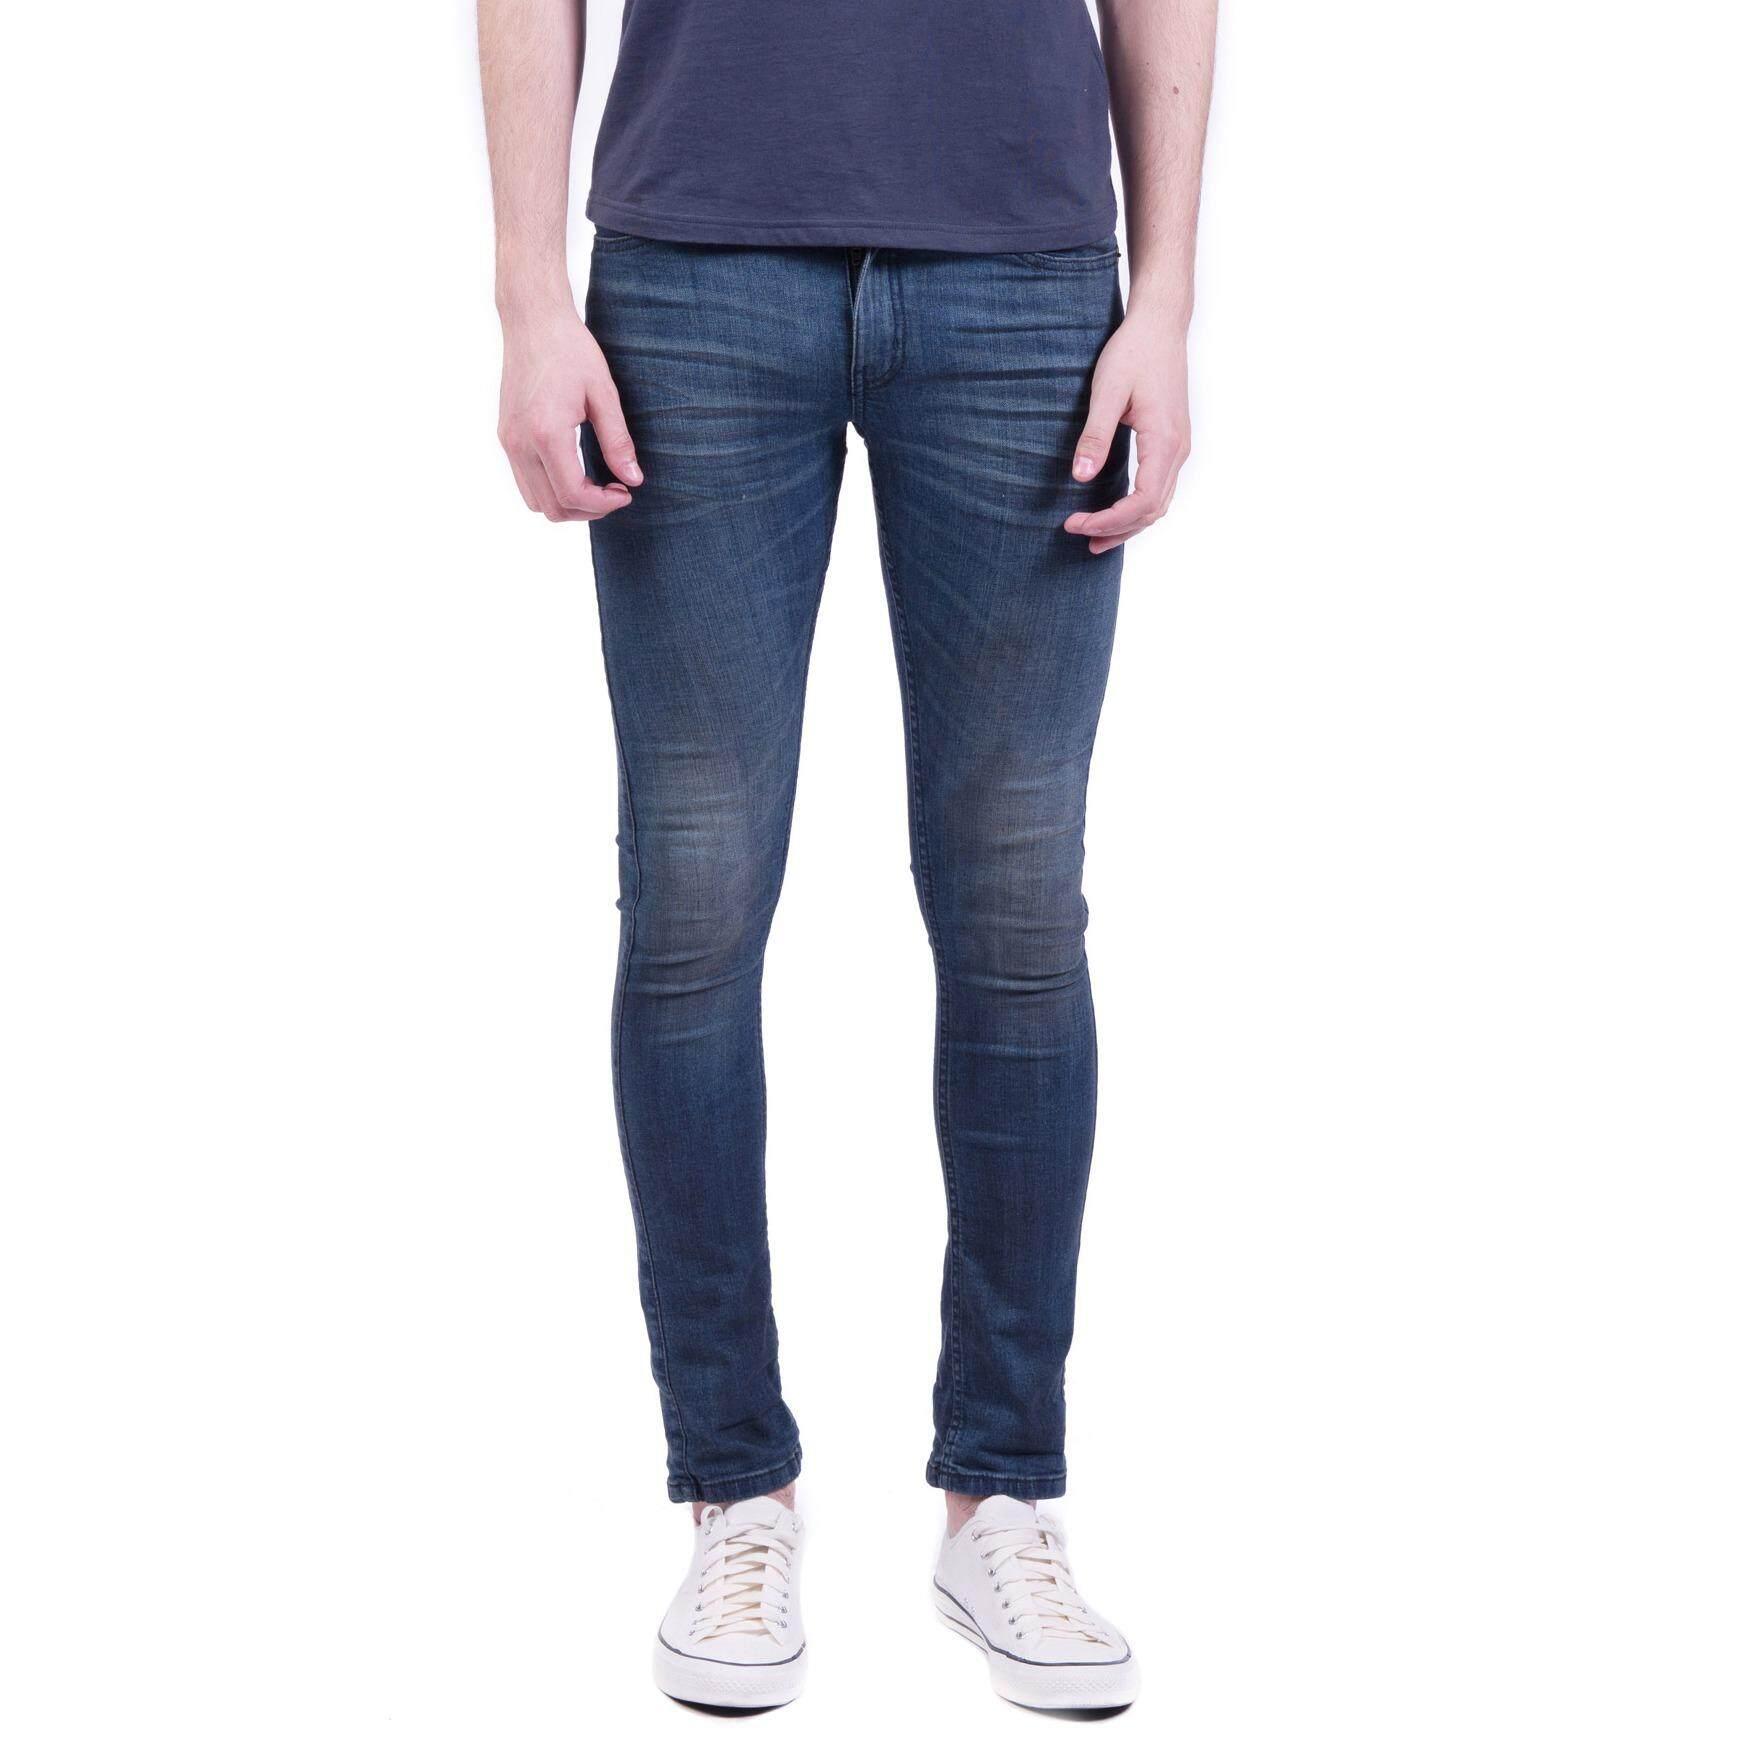 ราคา Mc Jeans Slim Fit Jeans Mady12000 ใหม่ล่าสุด